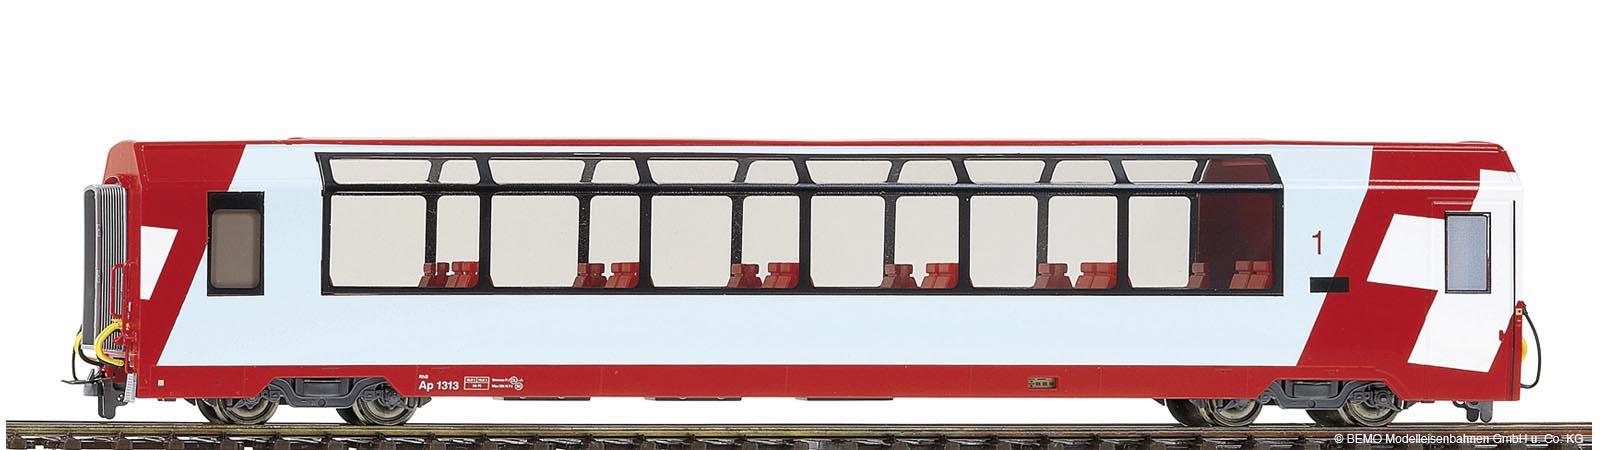 #3259 114 RhB Ap 1314 Panoramawagen 1 Klasse ¥15,000